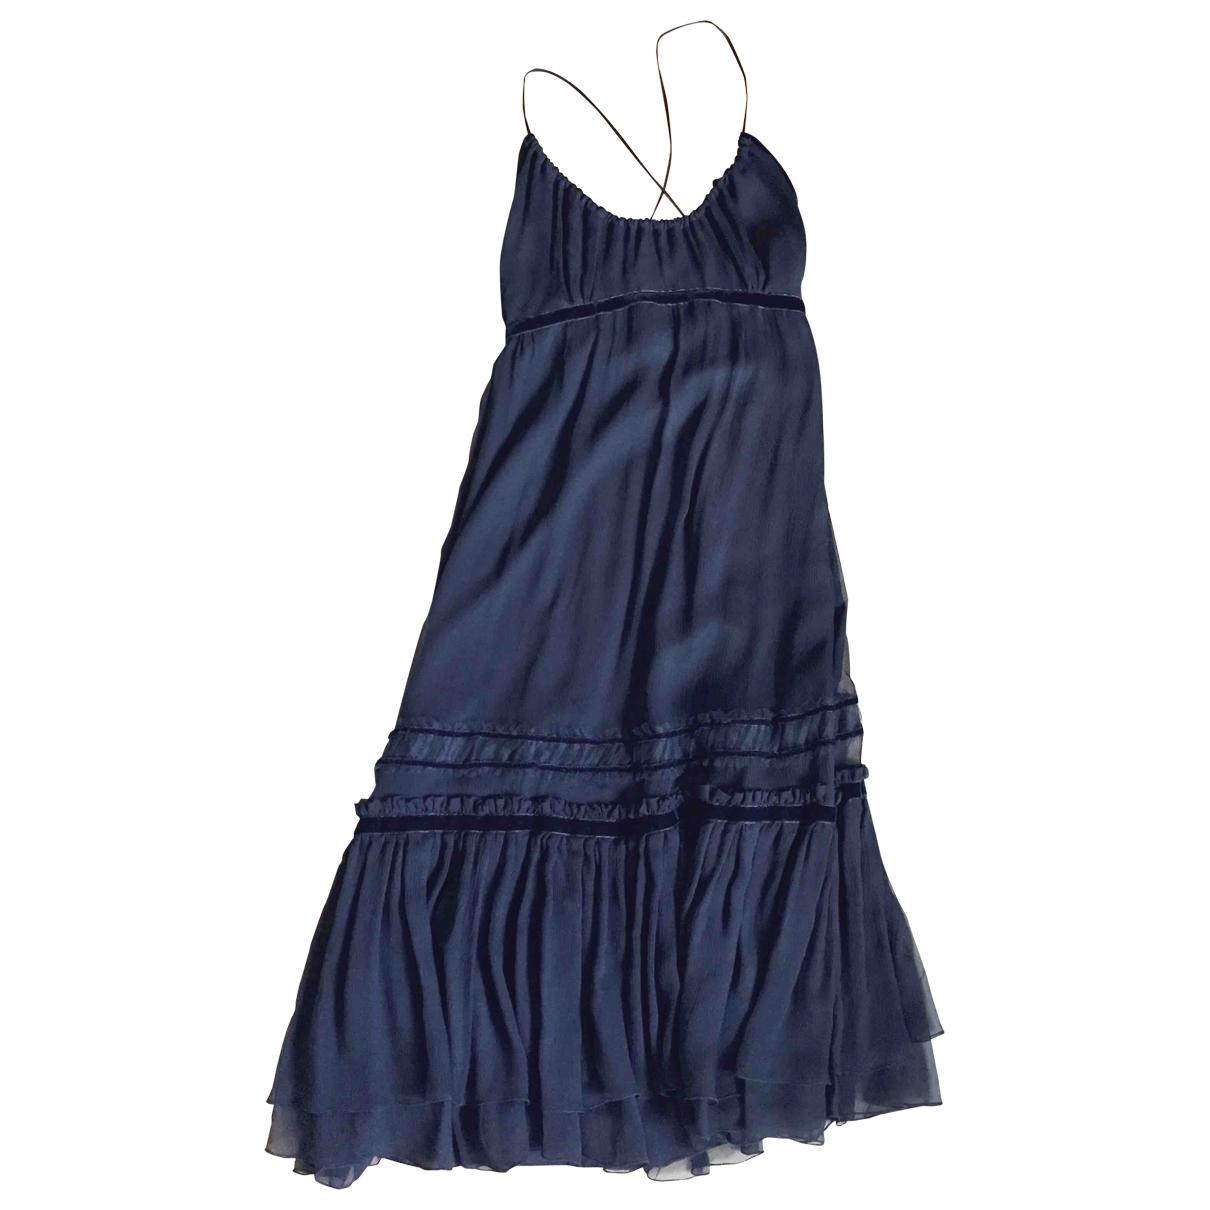 Barneys New York \N Black Silk dress for Women S International